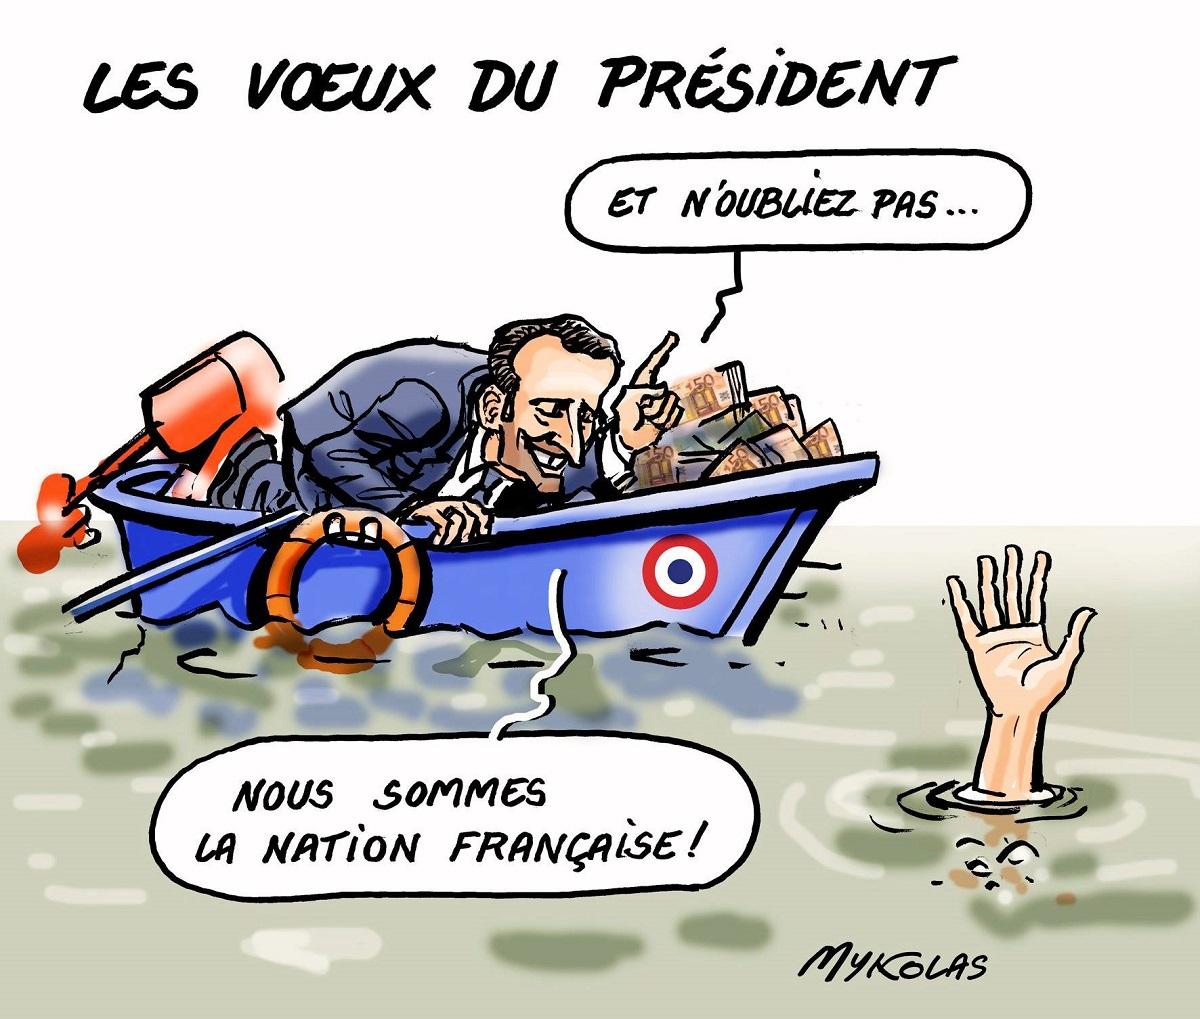 dessin drôle d'Emmanuel Macron dans son bateau plein de fric en train de faire la morale à un homme qui se noie